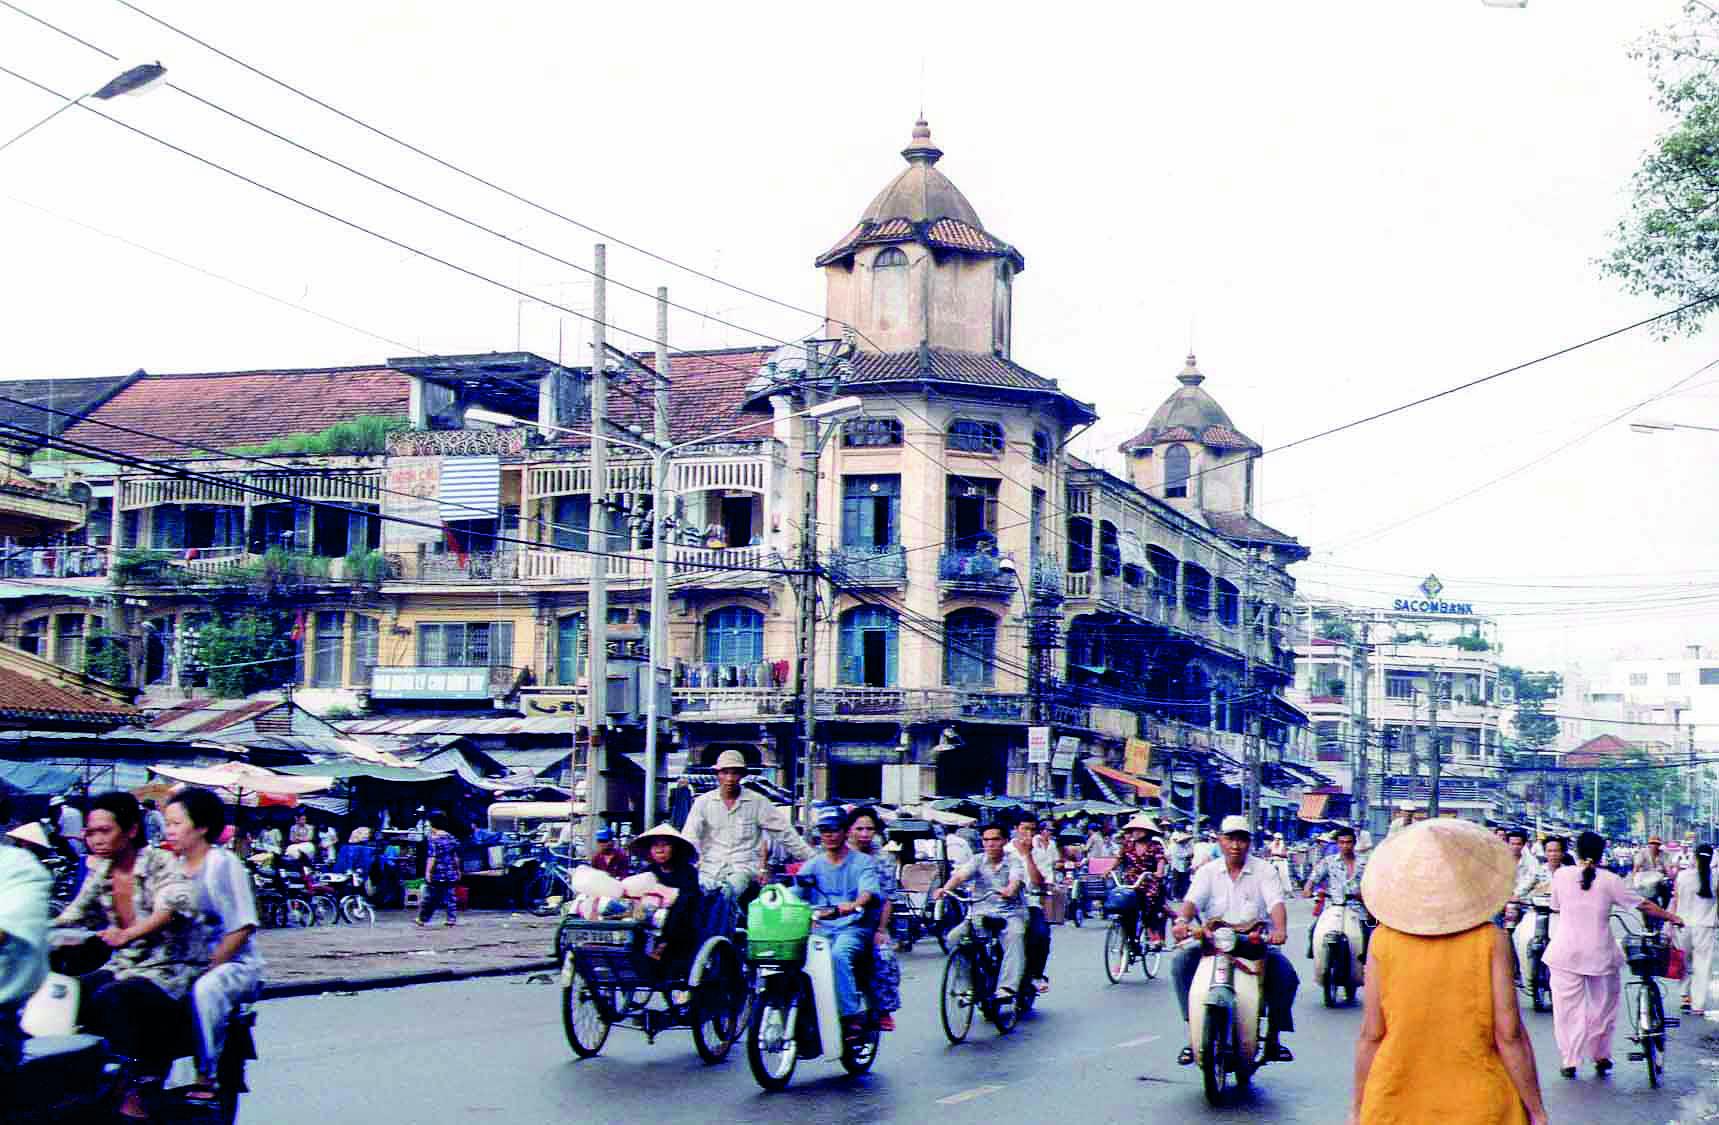 Hình ảnh Chợ Lớn Sài Gòn xưa